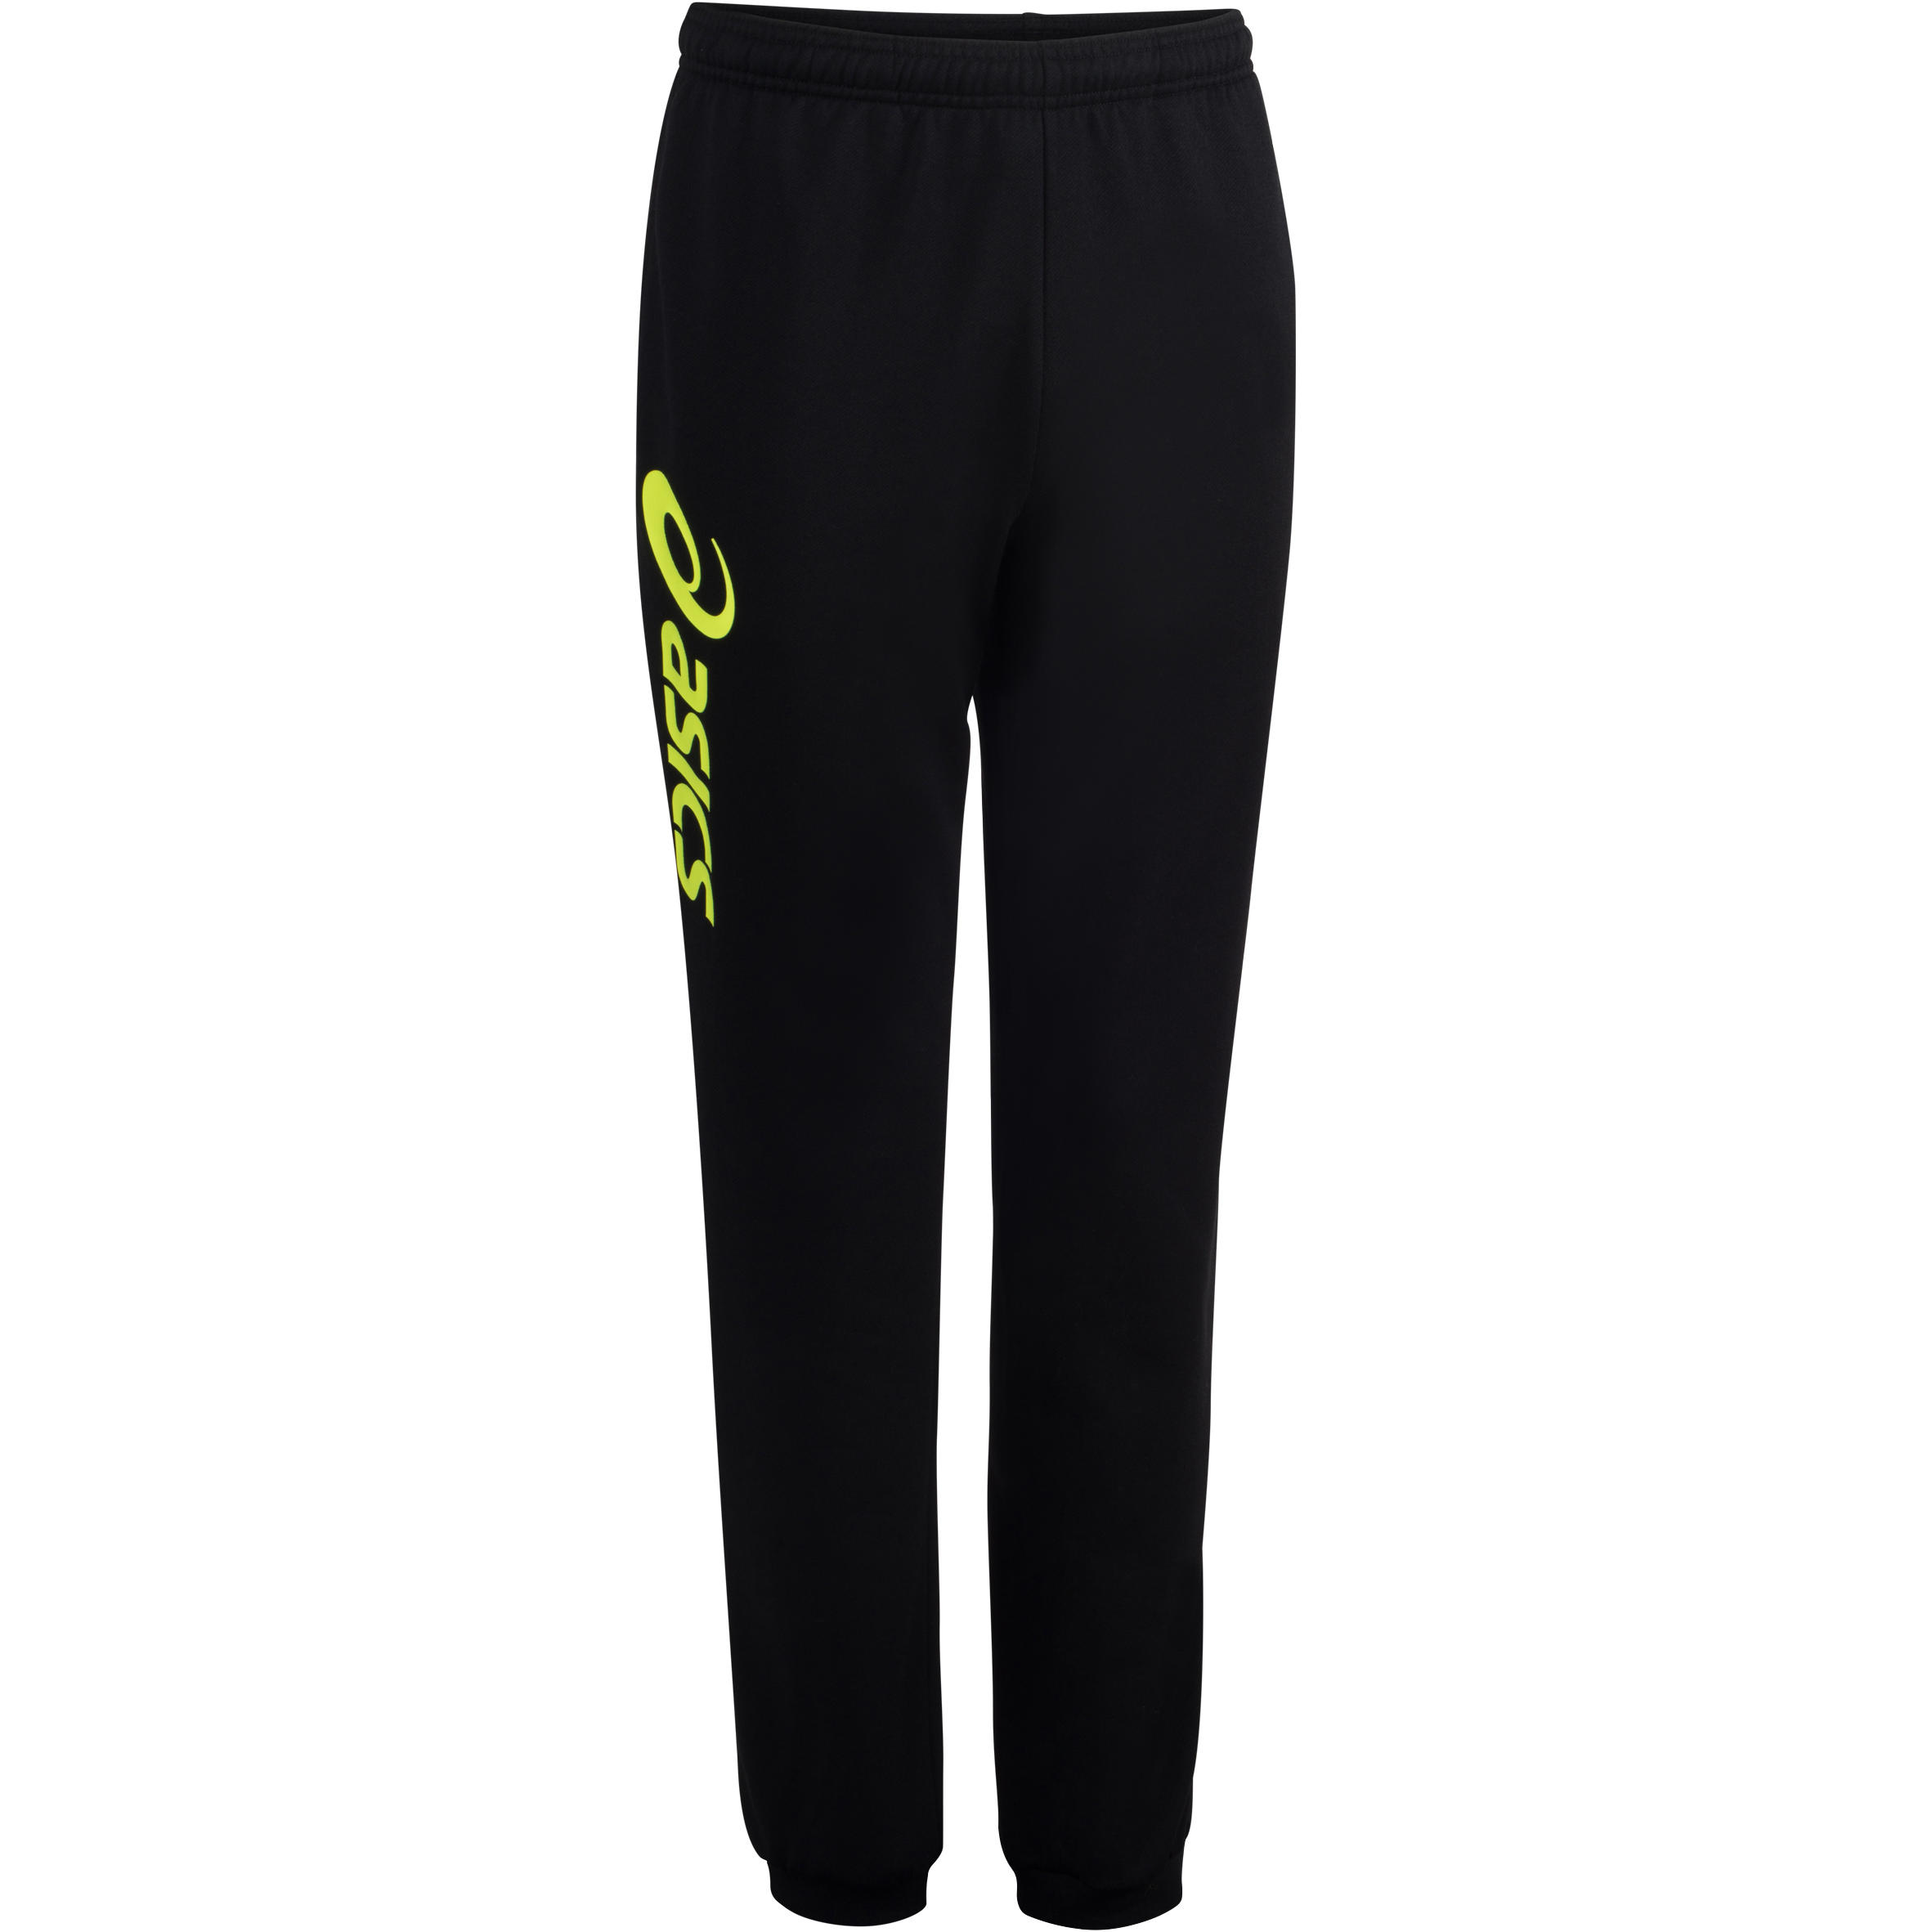 Asics Joggingbroek Sigma voor volwassenen zwart/geel